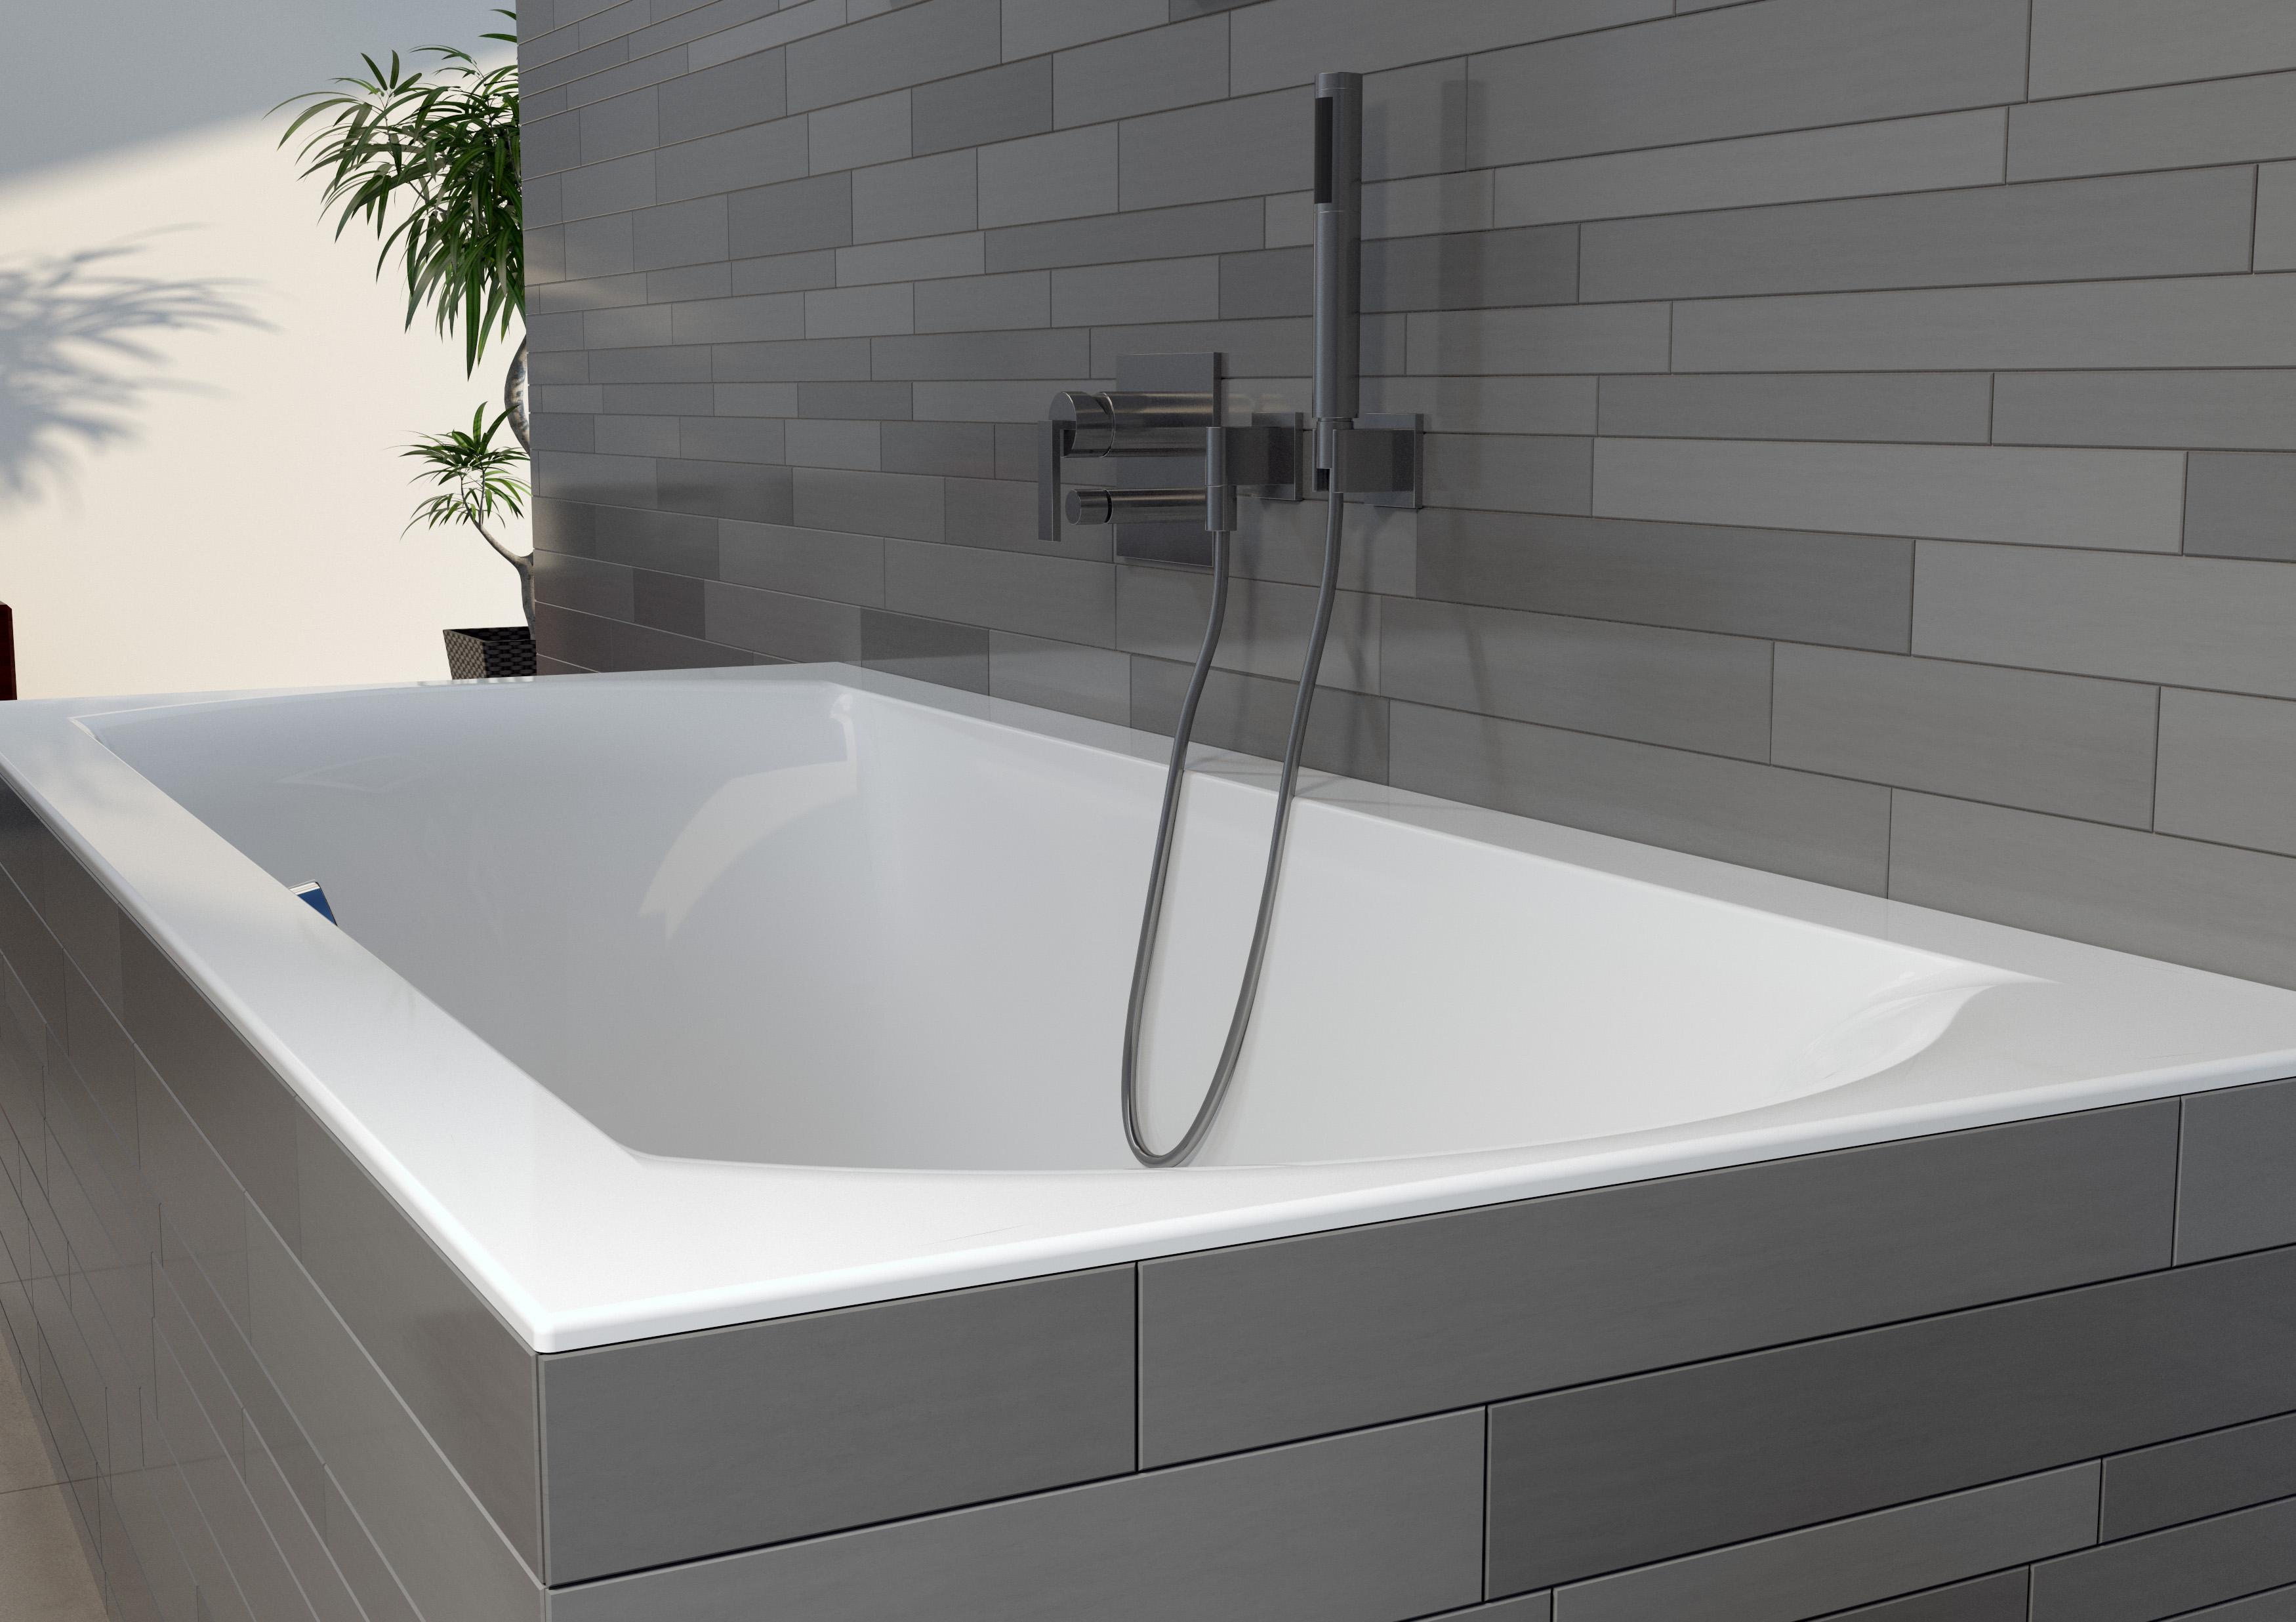 Прямоугольная ванна Riho Linares 170x75 R без гидромассажа BT4400500000000